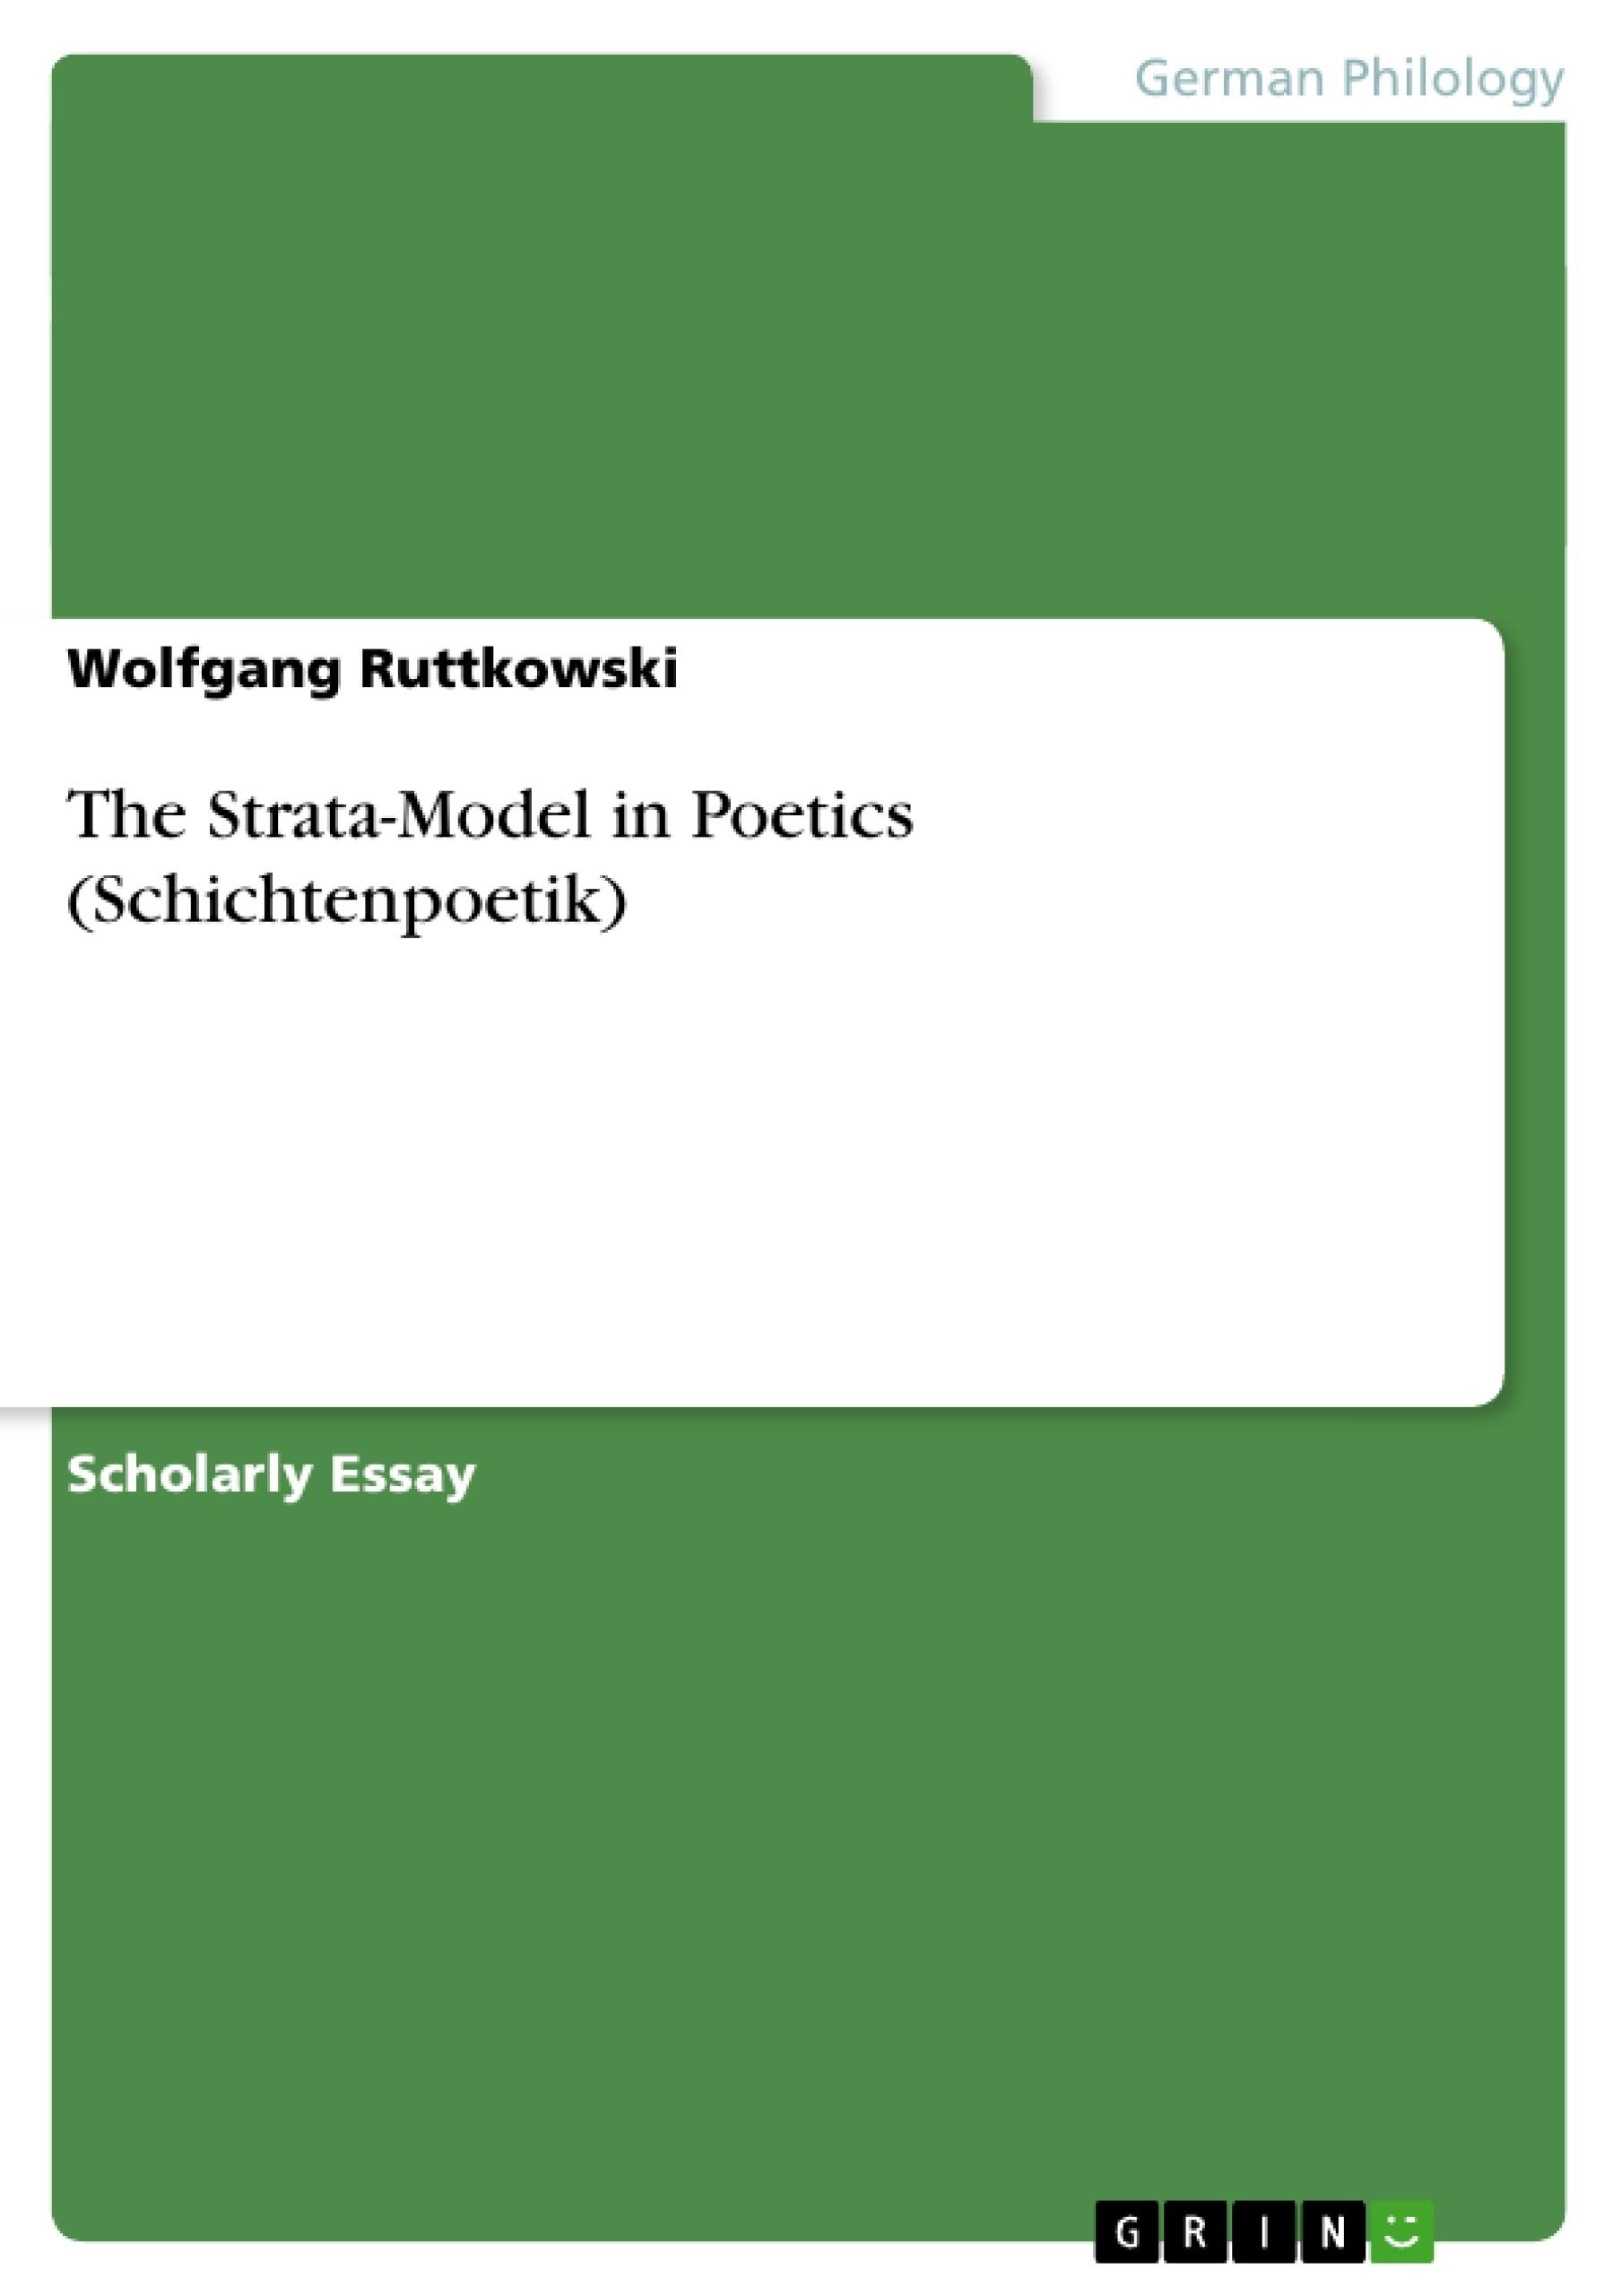 Title: The Strata-Model in Poetics (Schichtenpoetik)